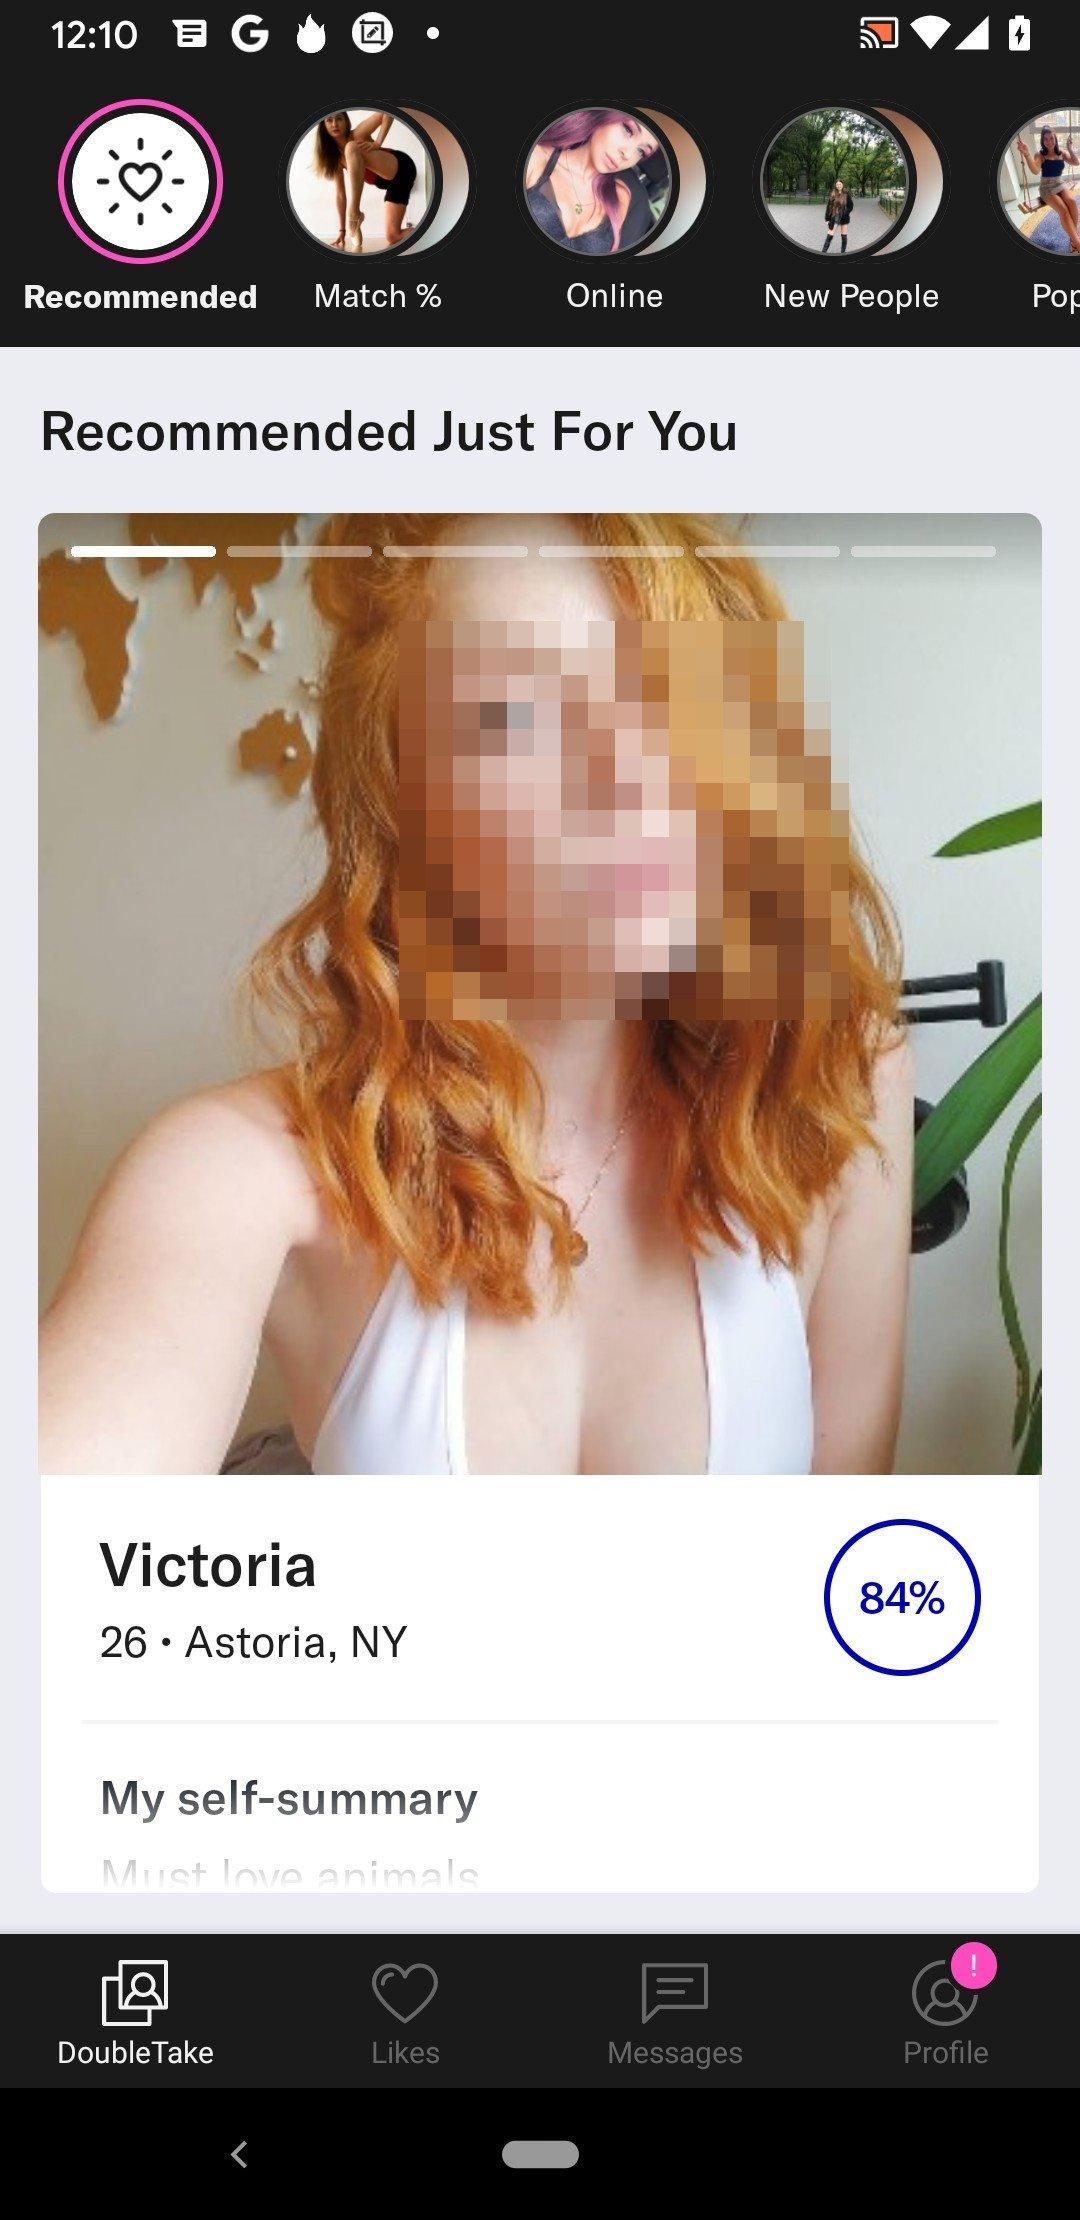 OkCupid Android image 4